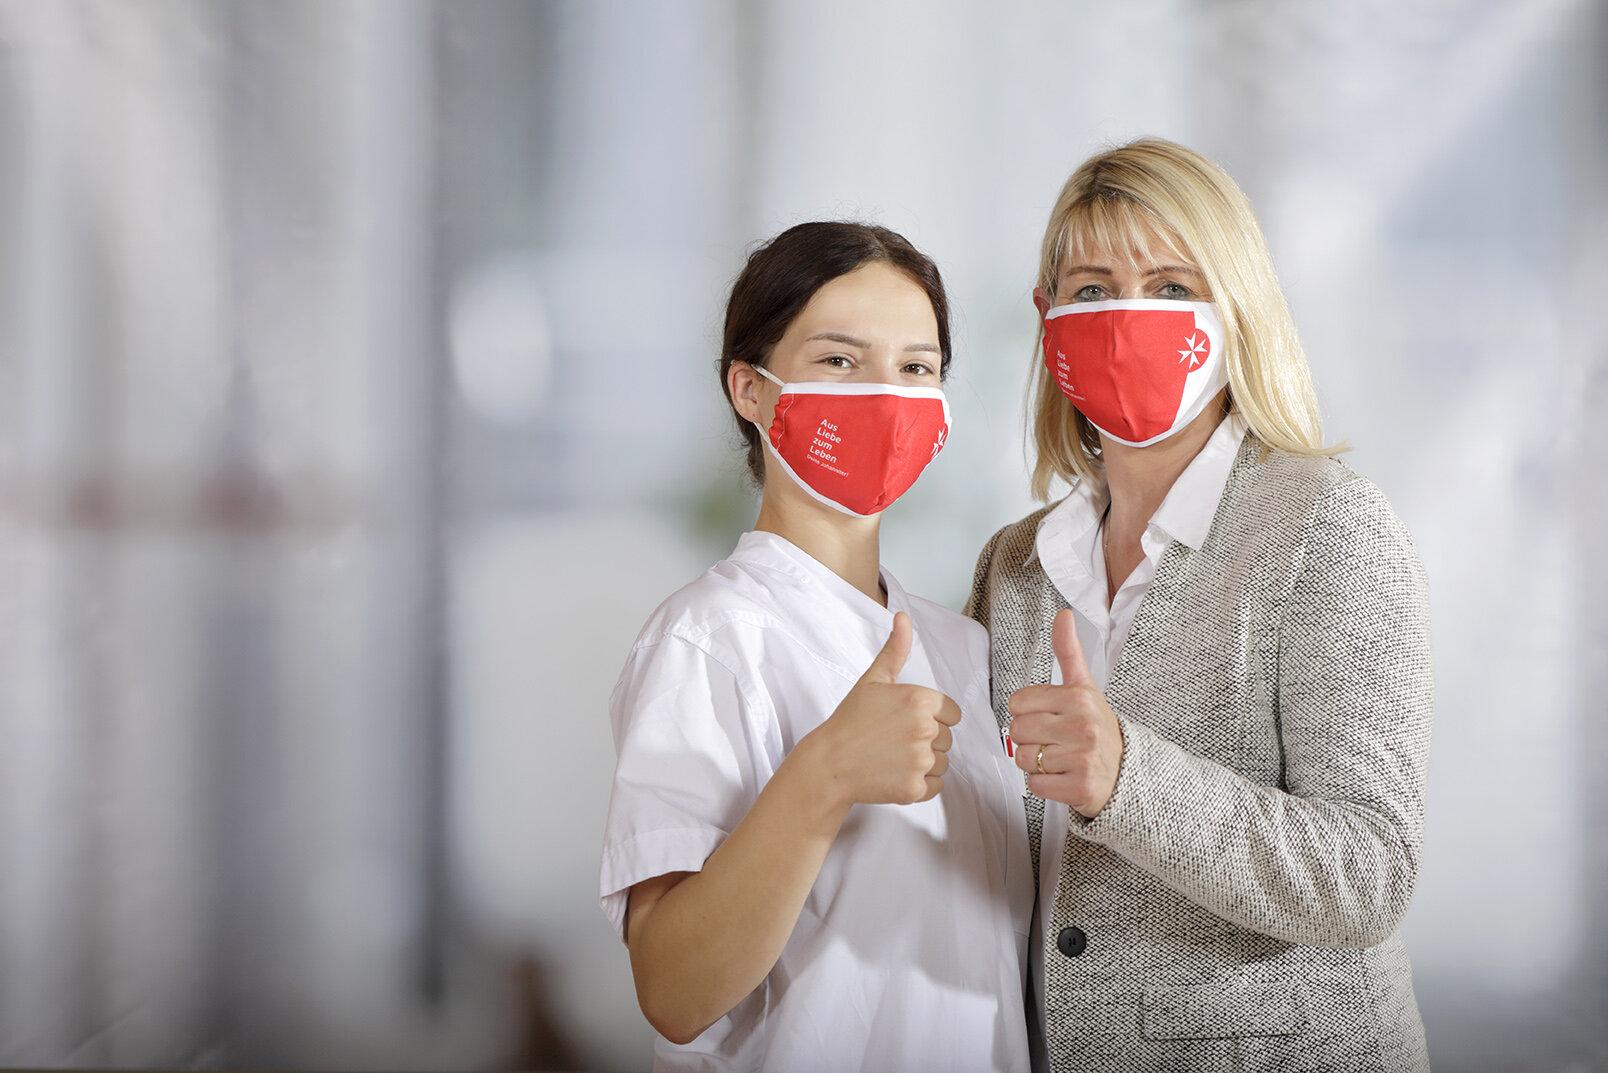 Zwei Pflegemitarbeiterinnen mit roten Johanniter-Masken